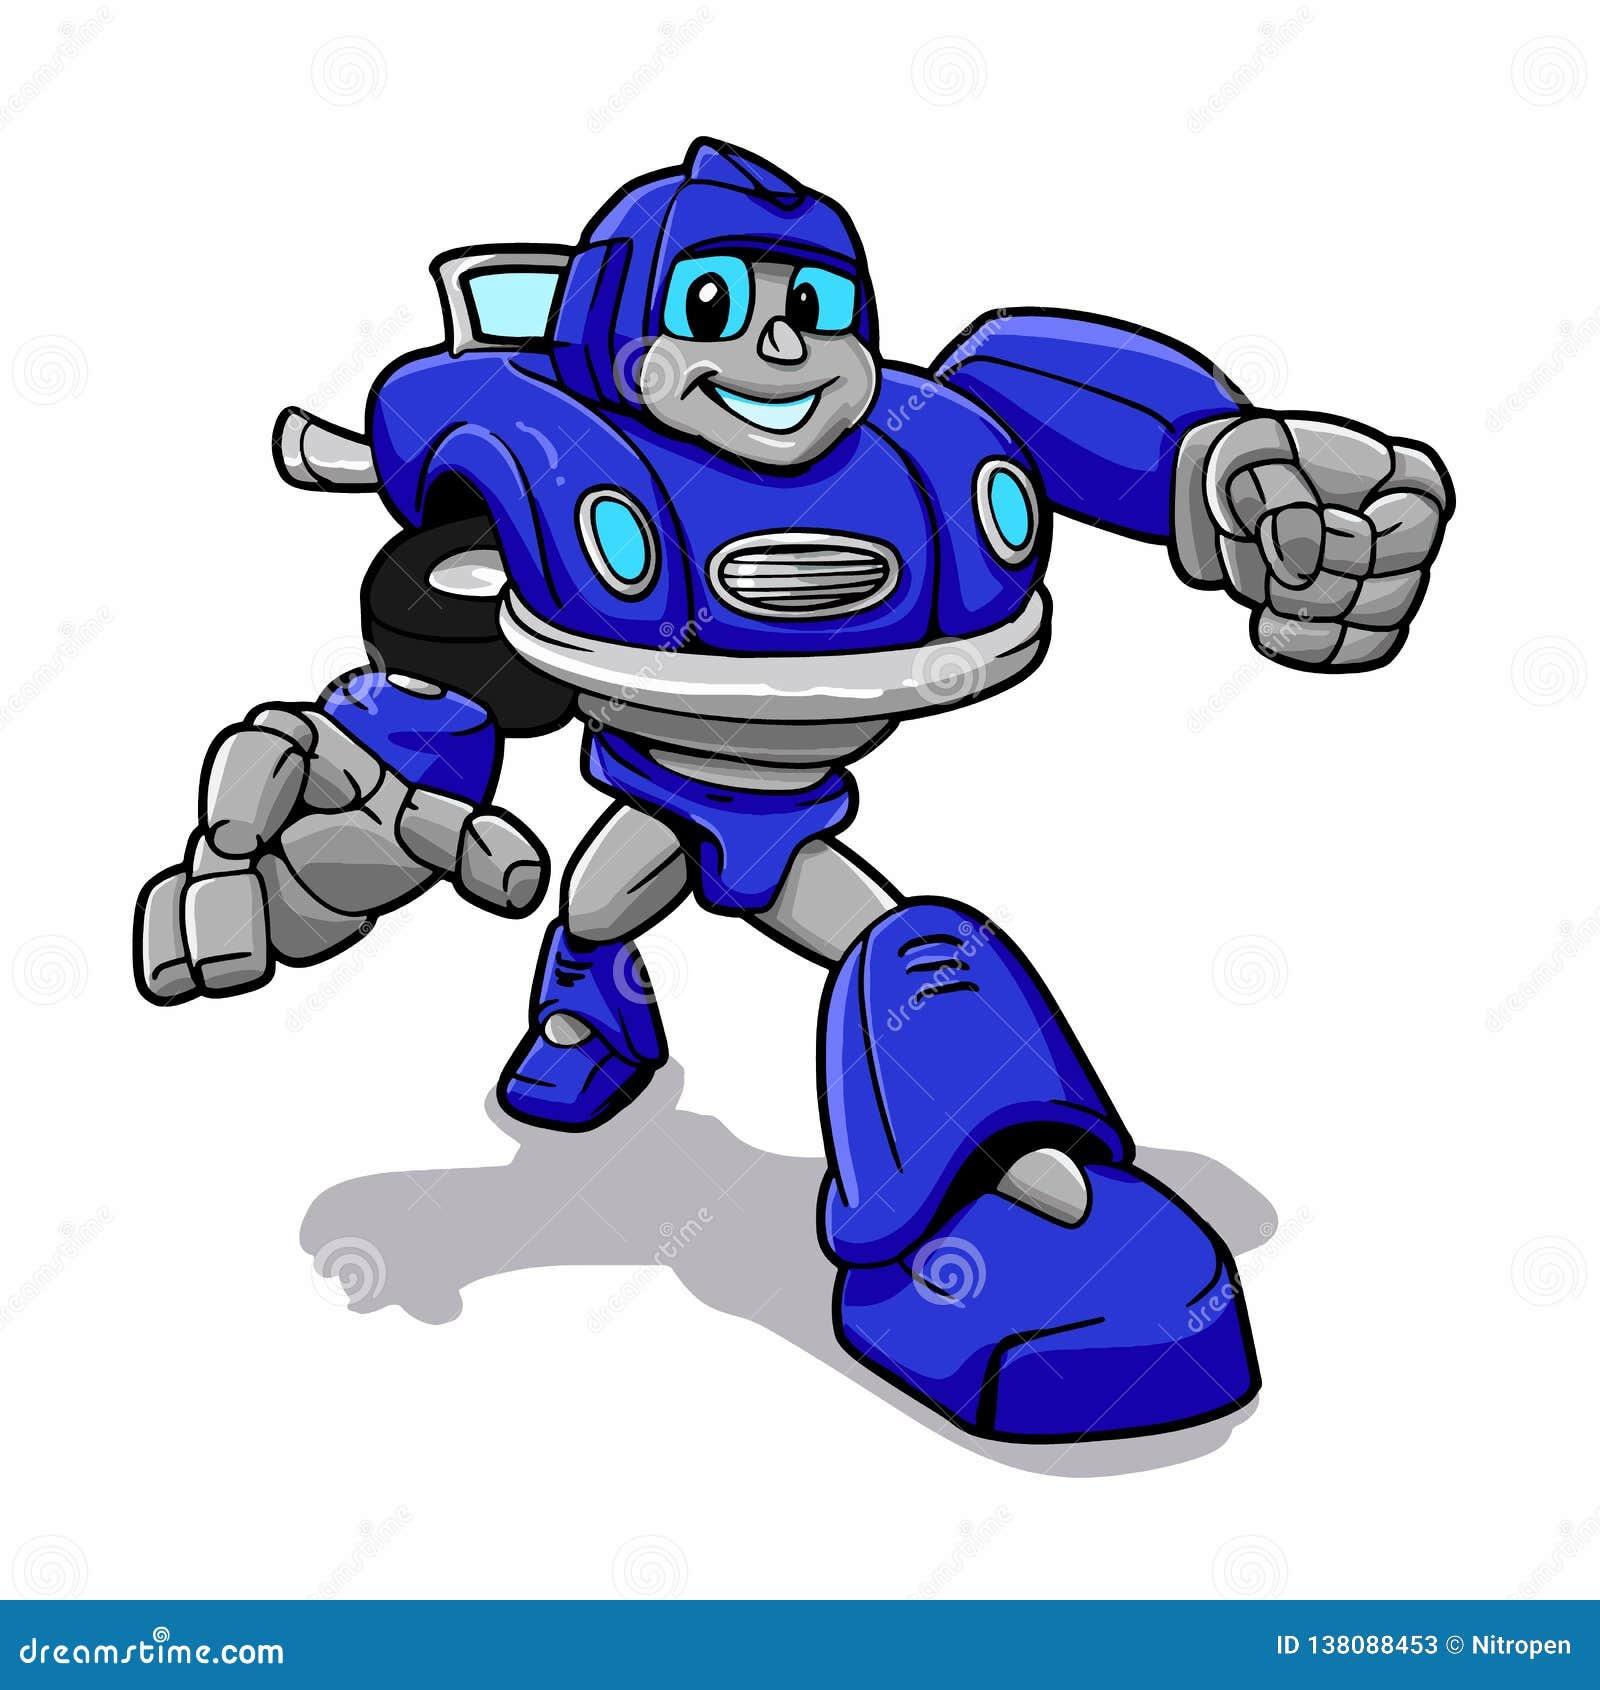 Μπλε ρομπότ - ρομπότ για τα παιδιά - κινούμενα σχέδια ρομπότ